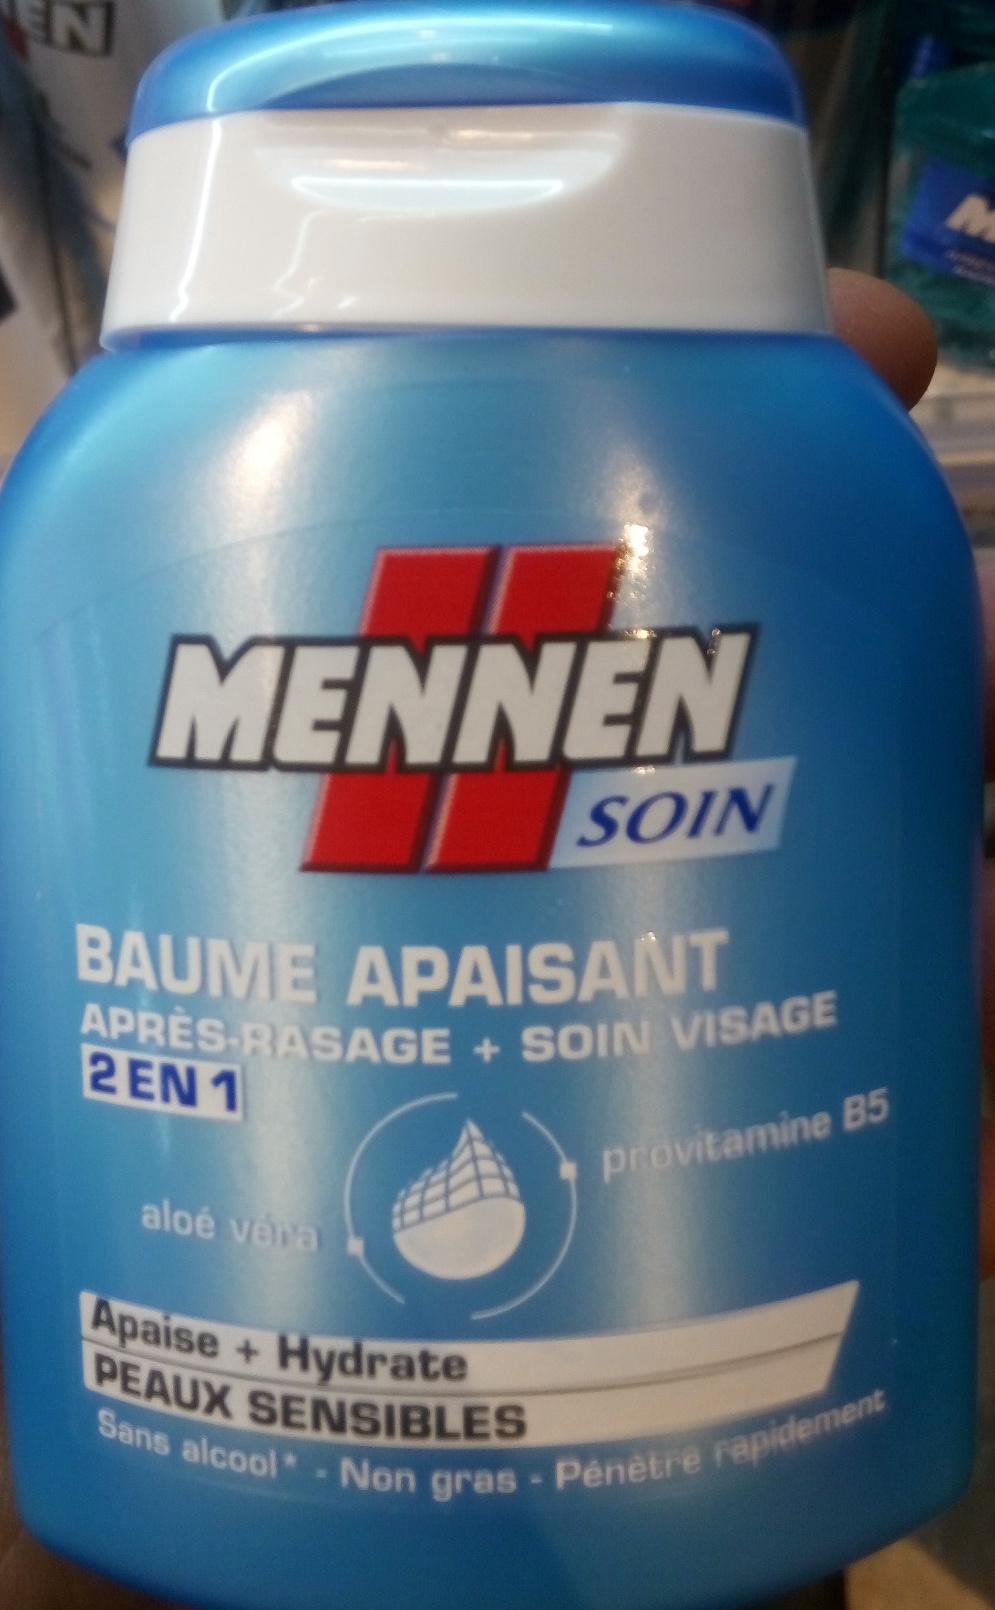 Baume apaisant, Après rasage + Soin visage, 2 en 1 - Product - fr